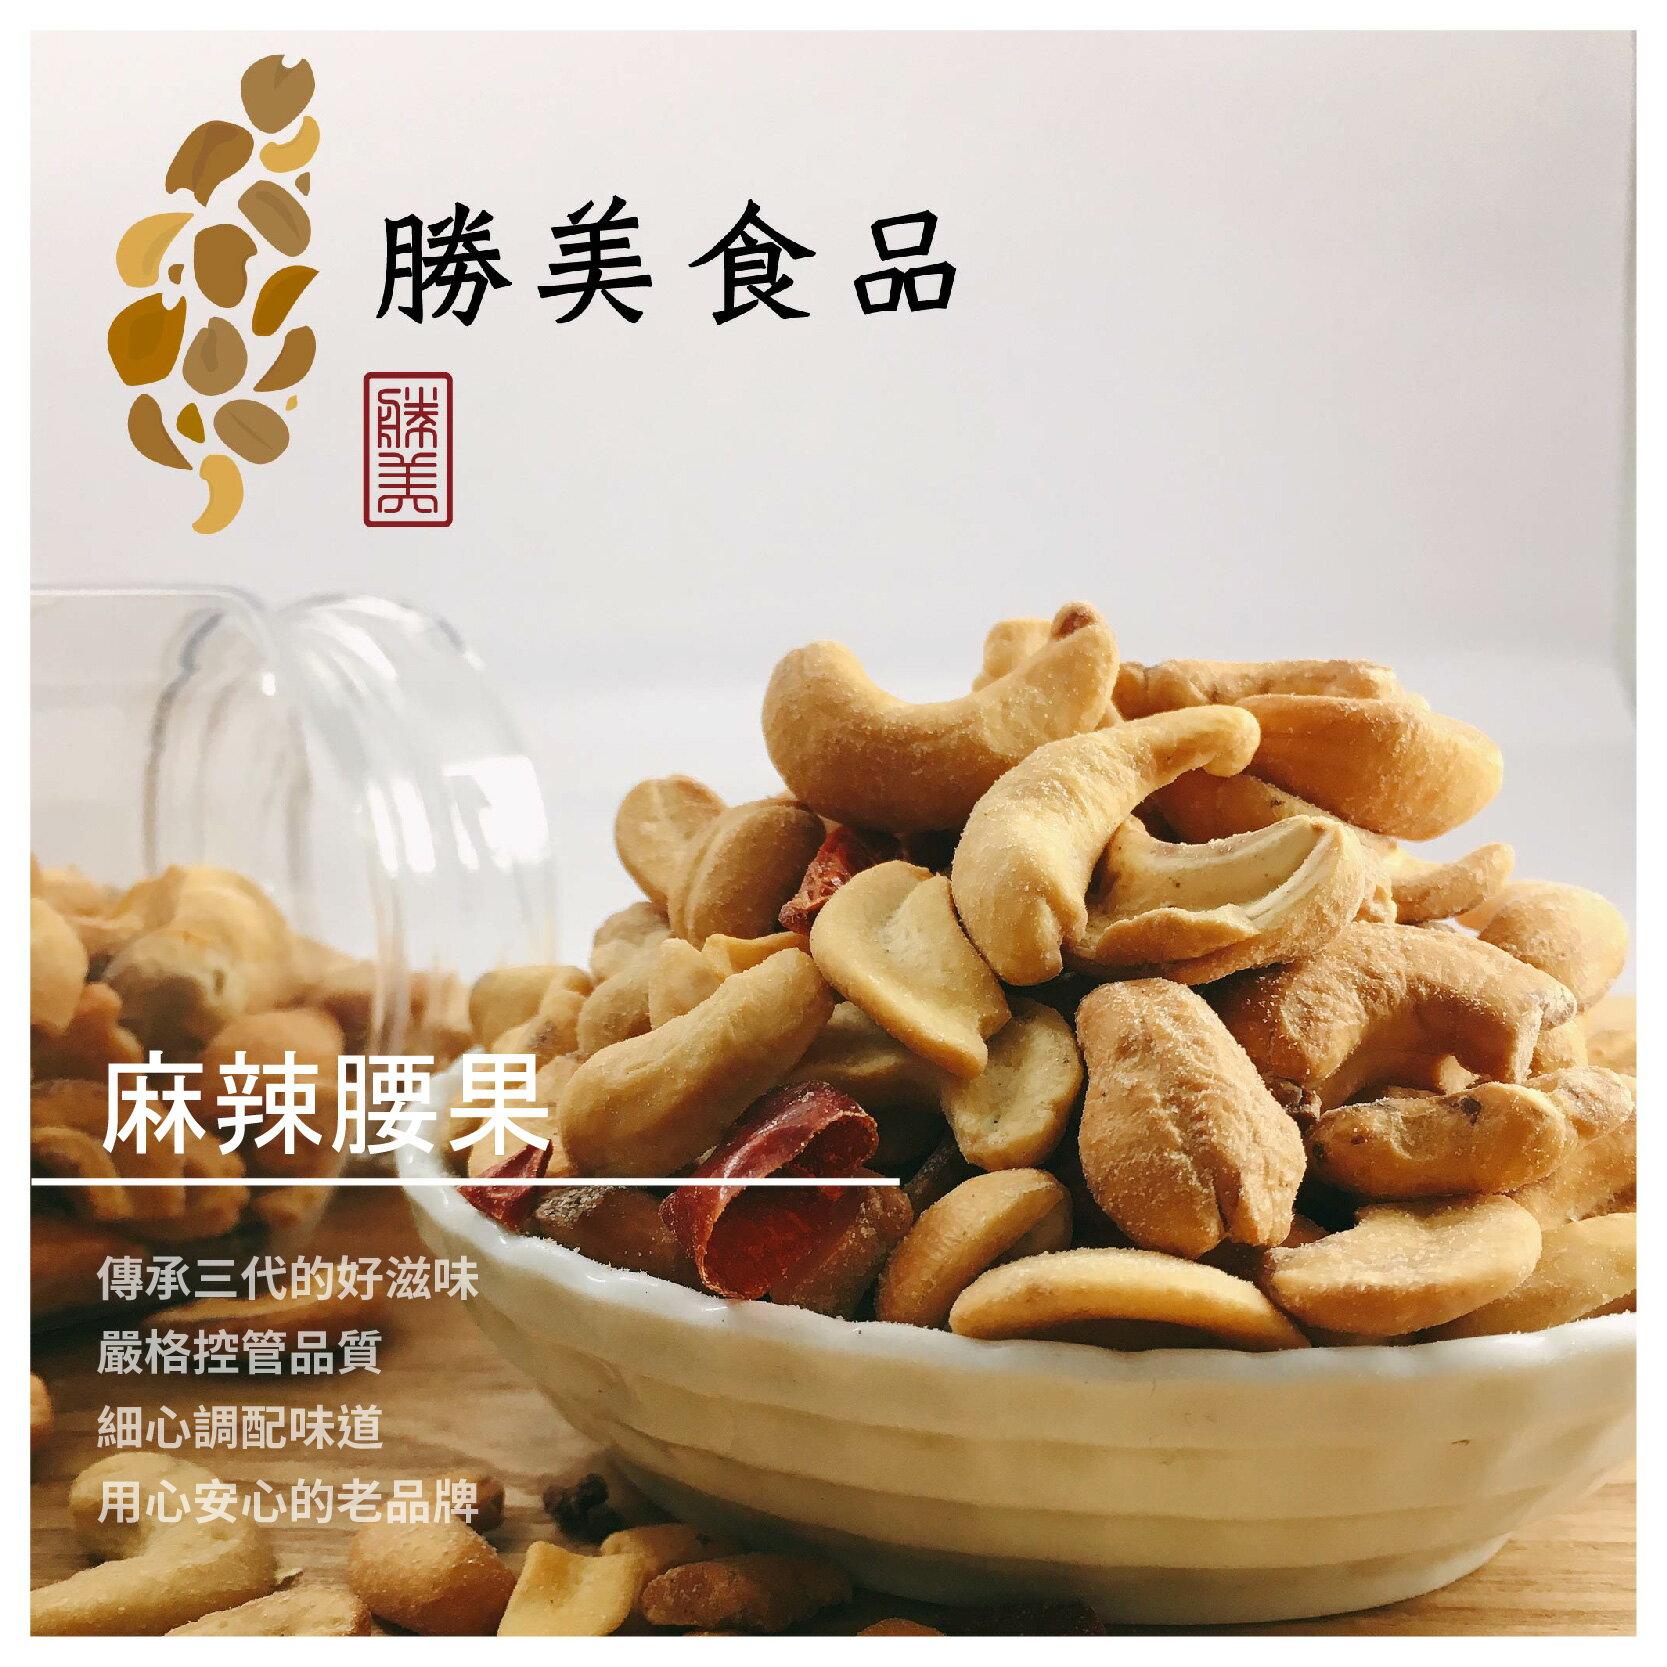 【勝美食品】麻辣腰果/300公克